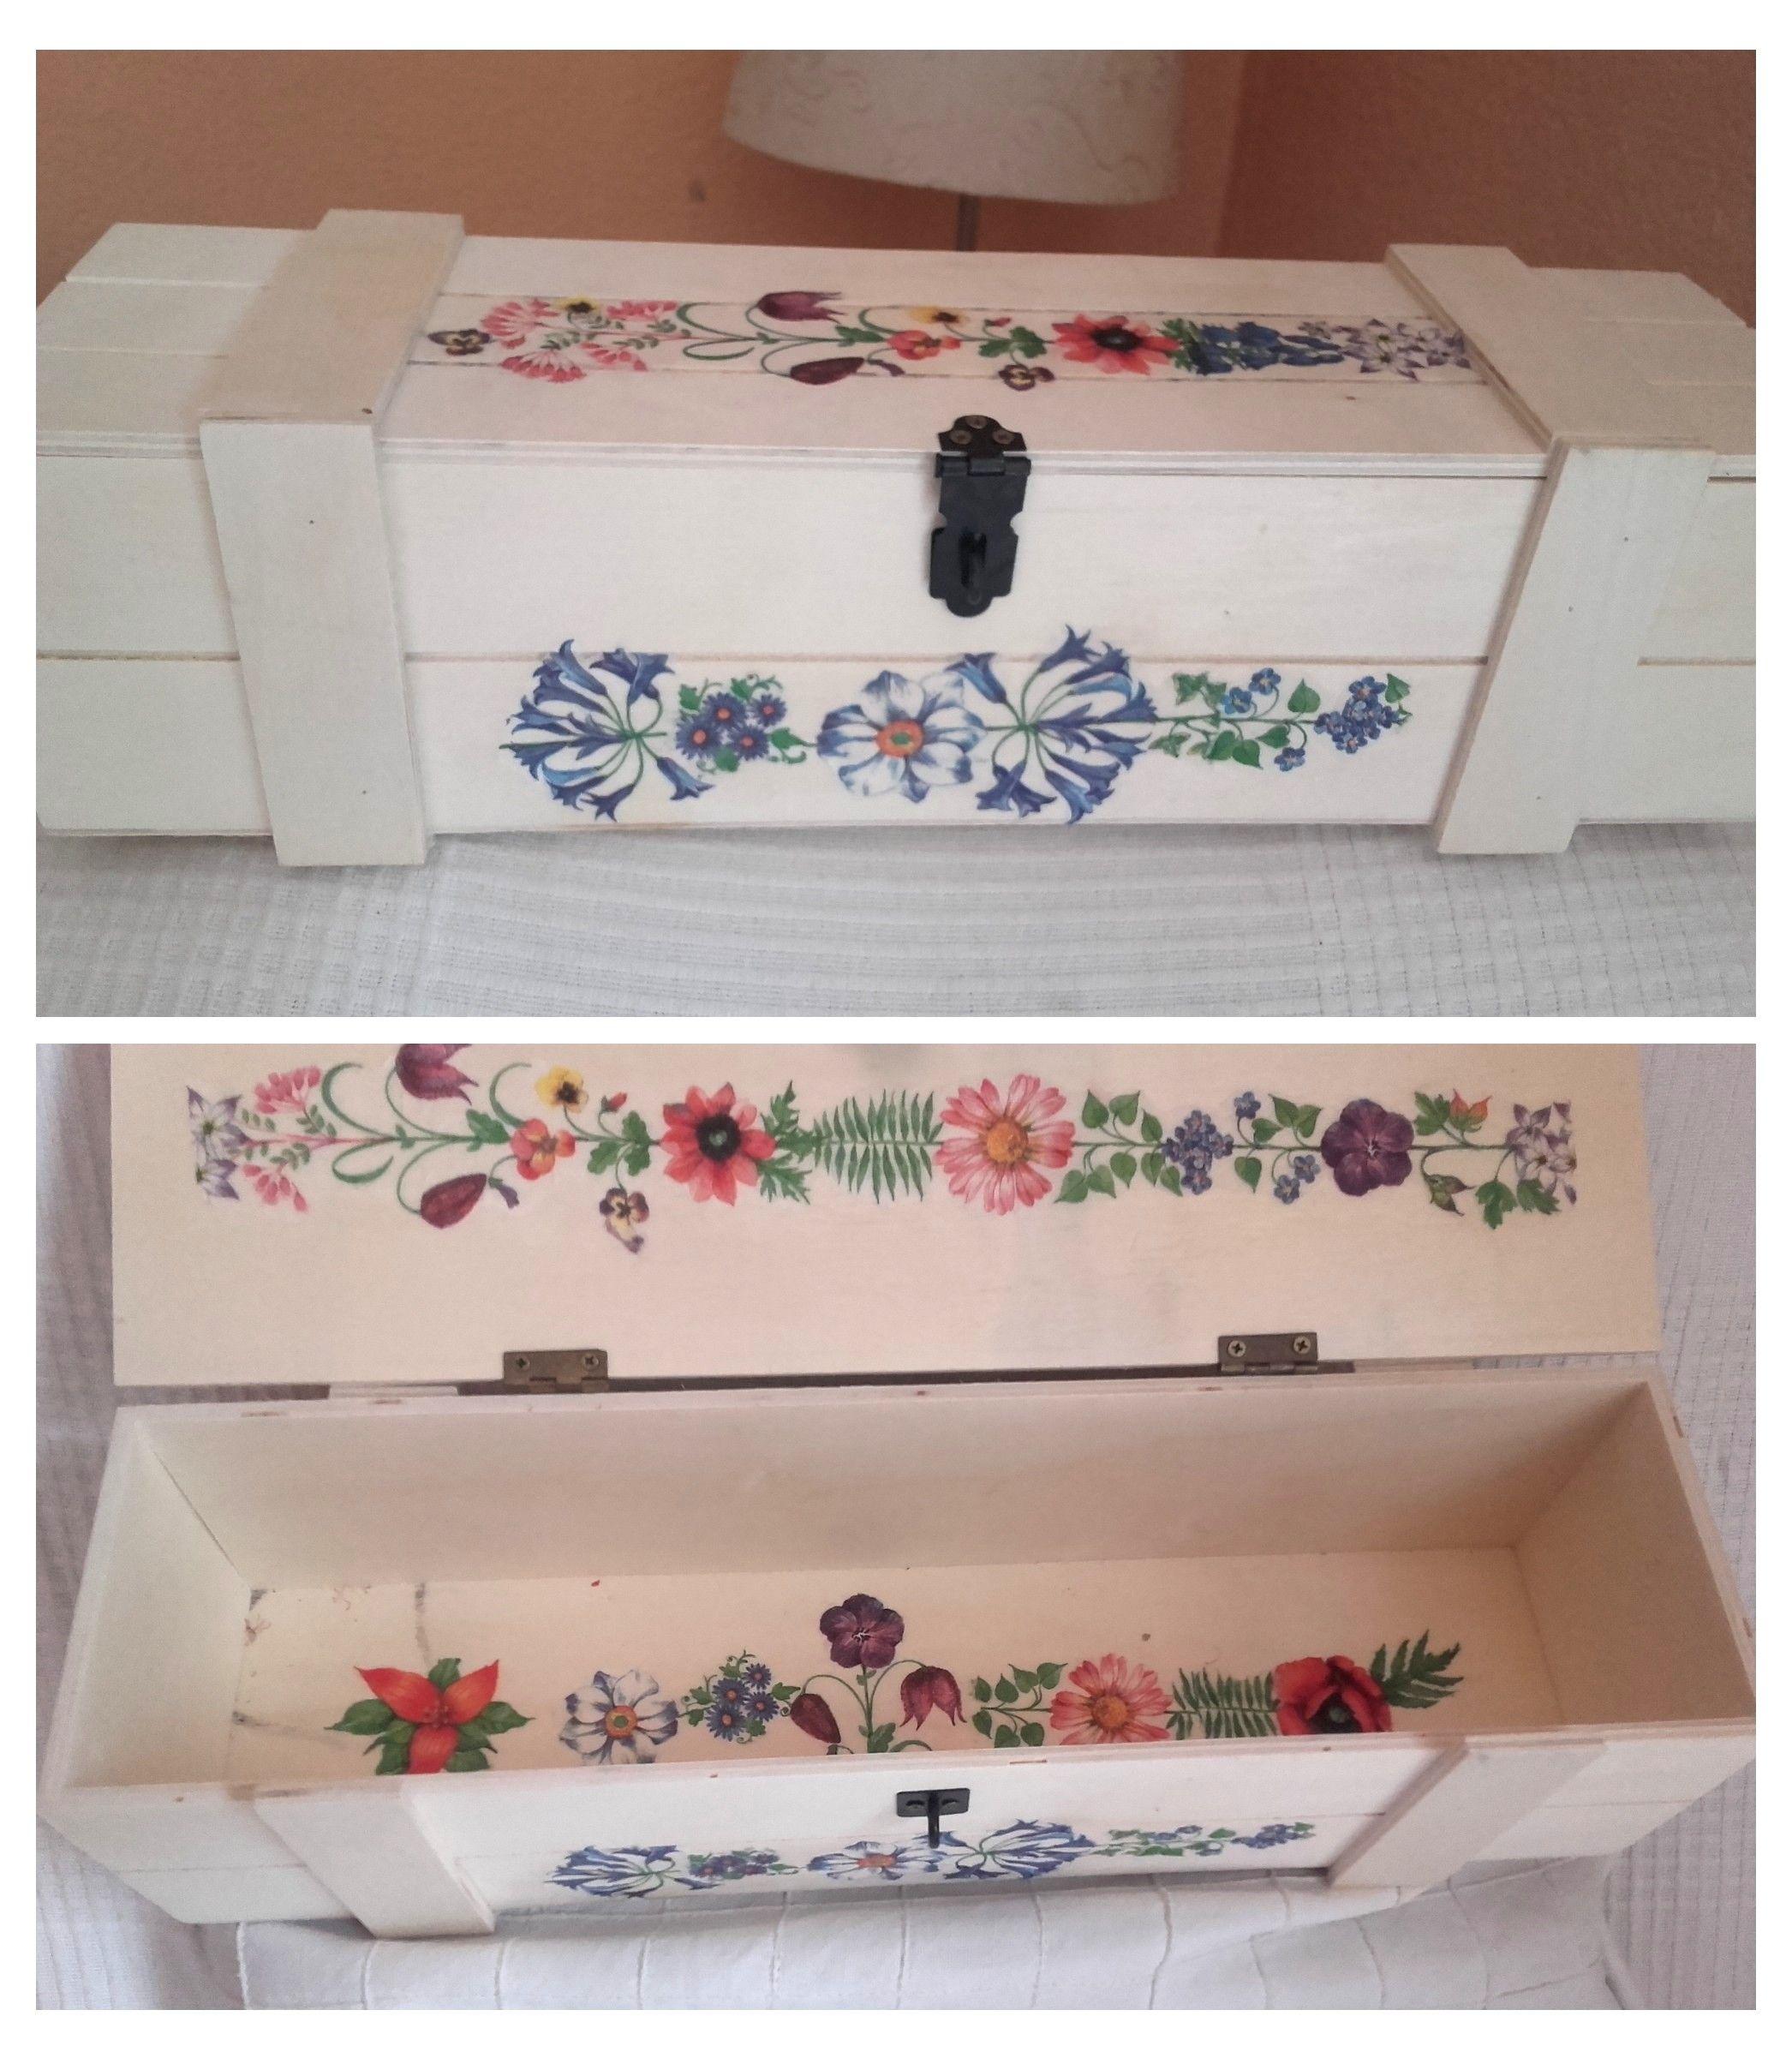 20 Imagenes de cajas de madera decoradas